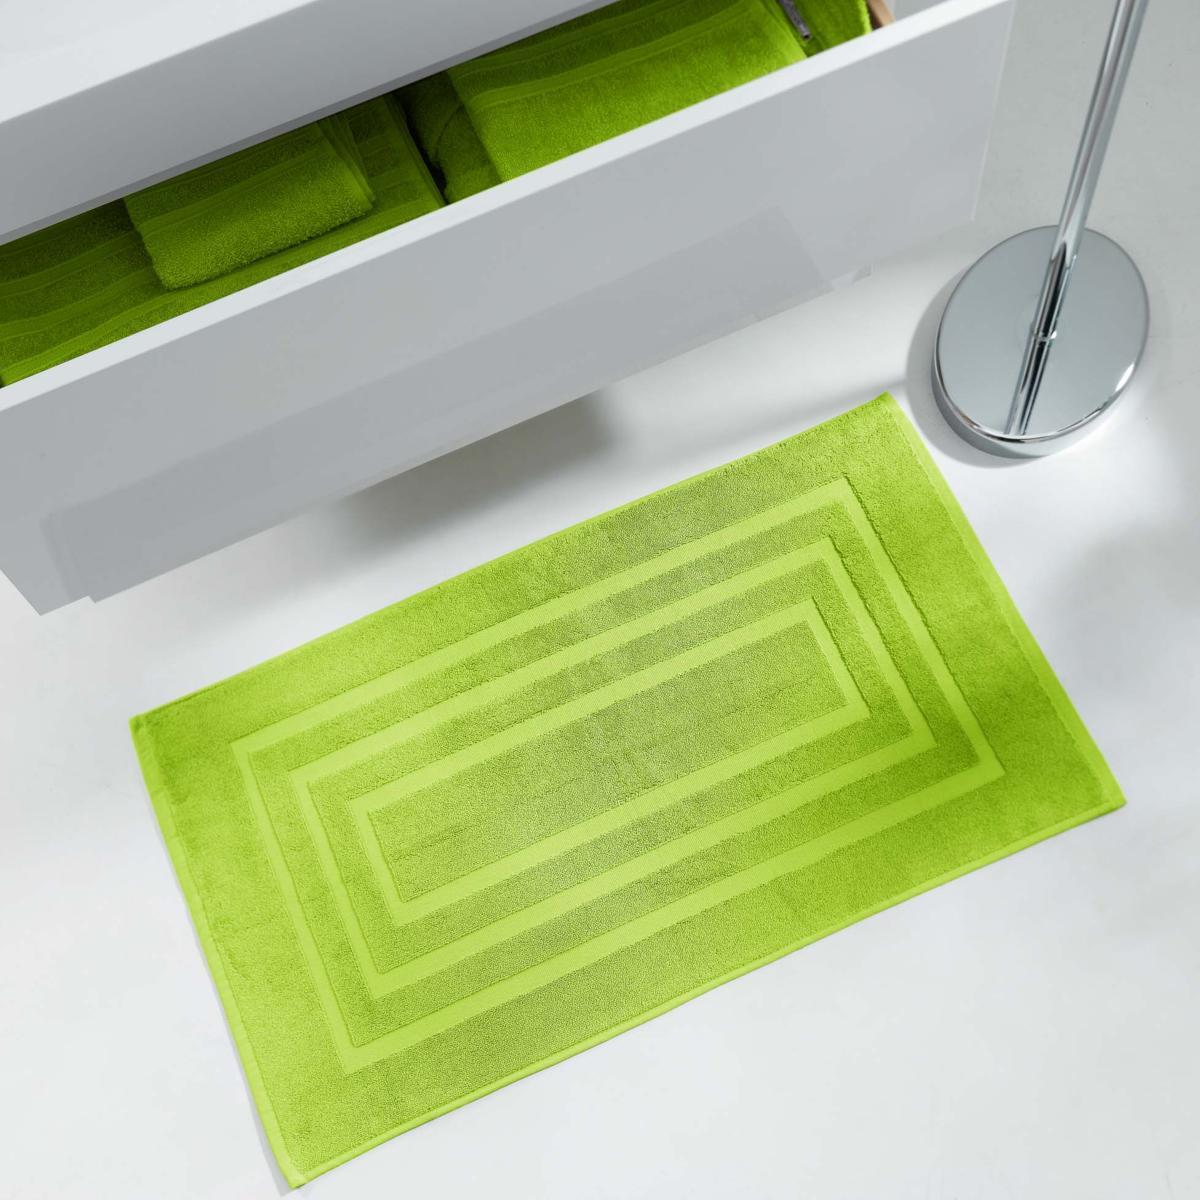 en Machine avec Microfibre Douces Absorbant leau pour la Baignoire Ivoire, 50x80cm la Douche et la Salle de Bain J-MOOSE Tapis de Bain Antid/érapant /à Poils Longs Microfibre